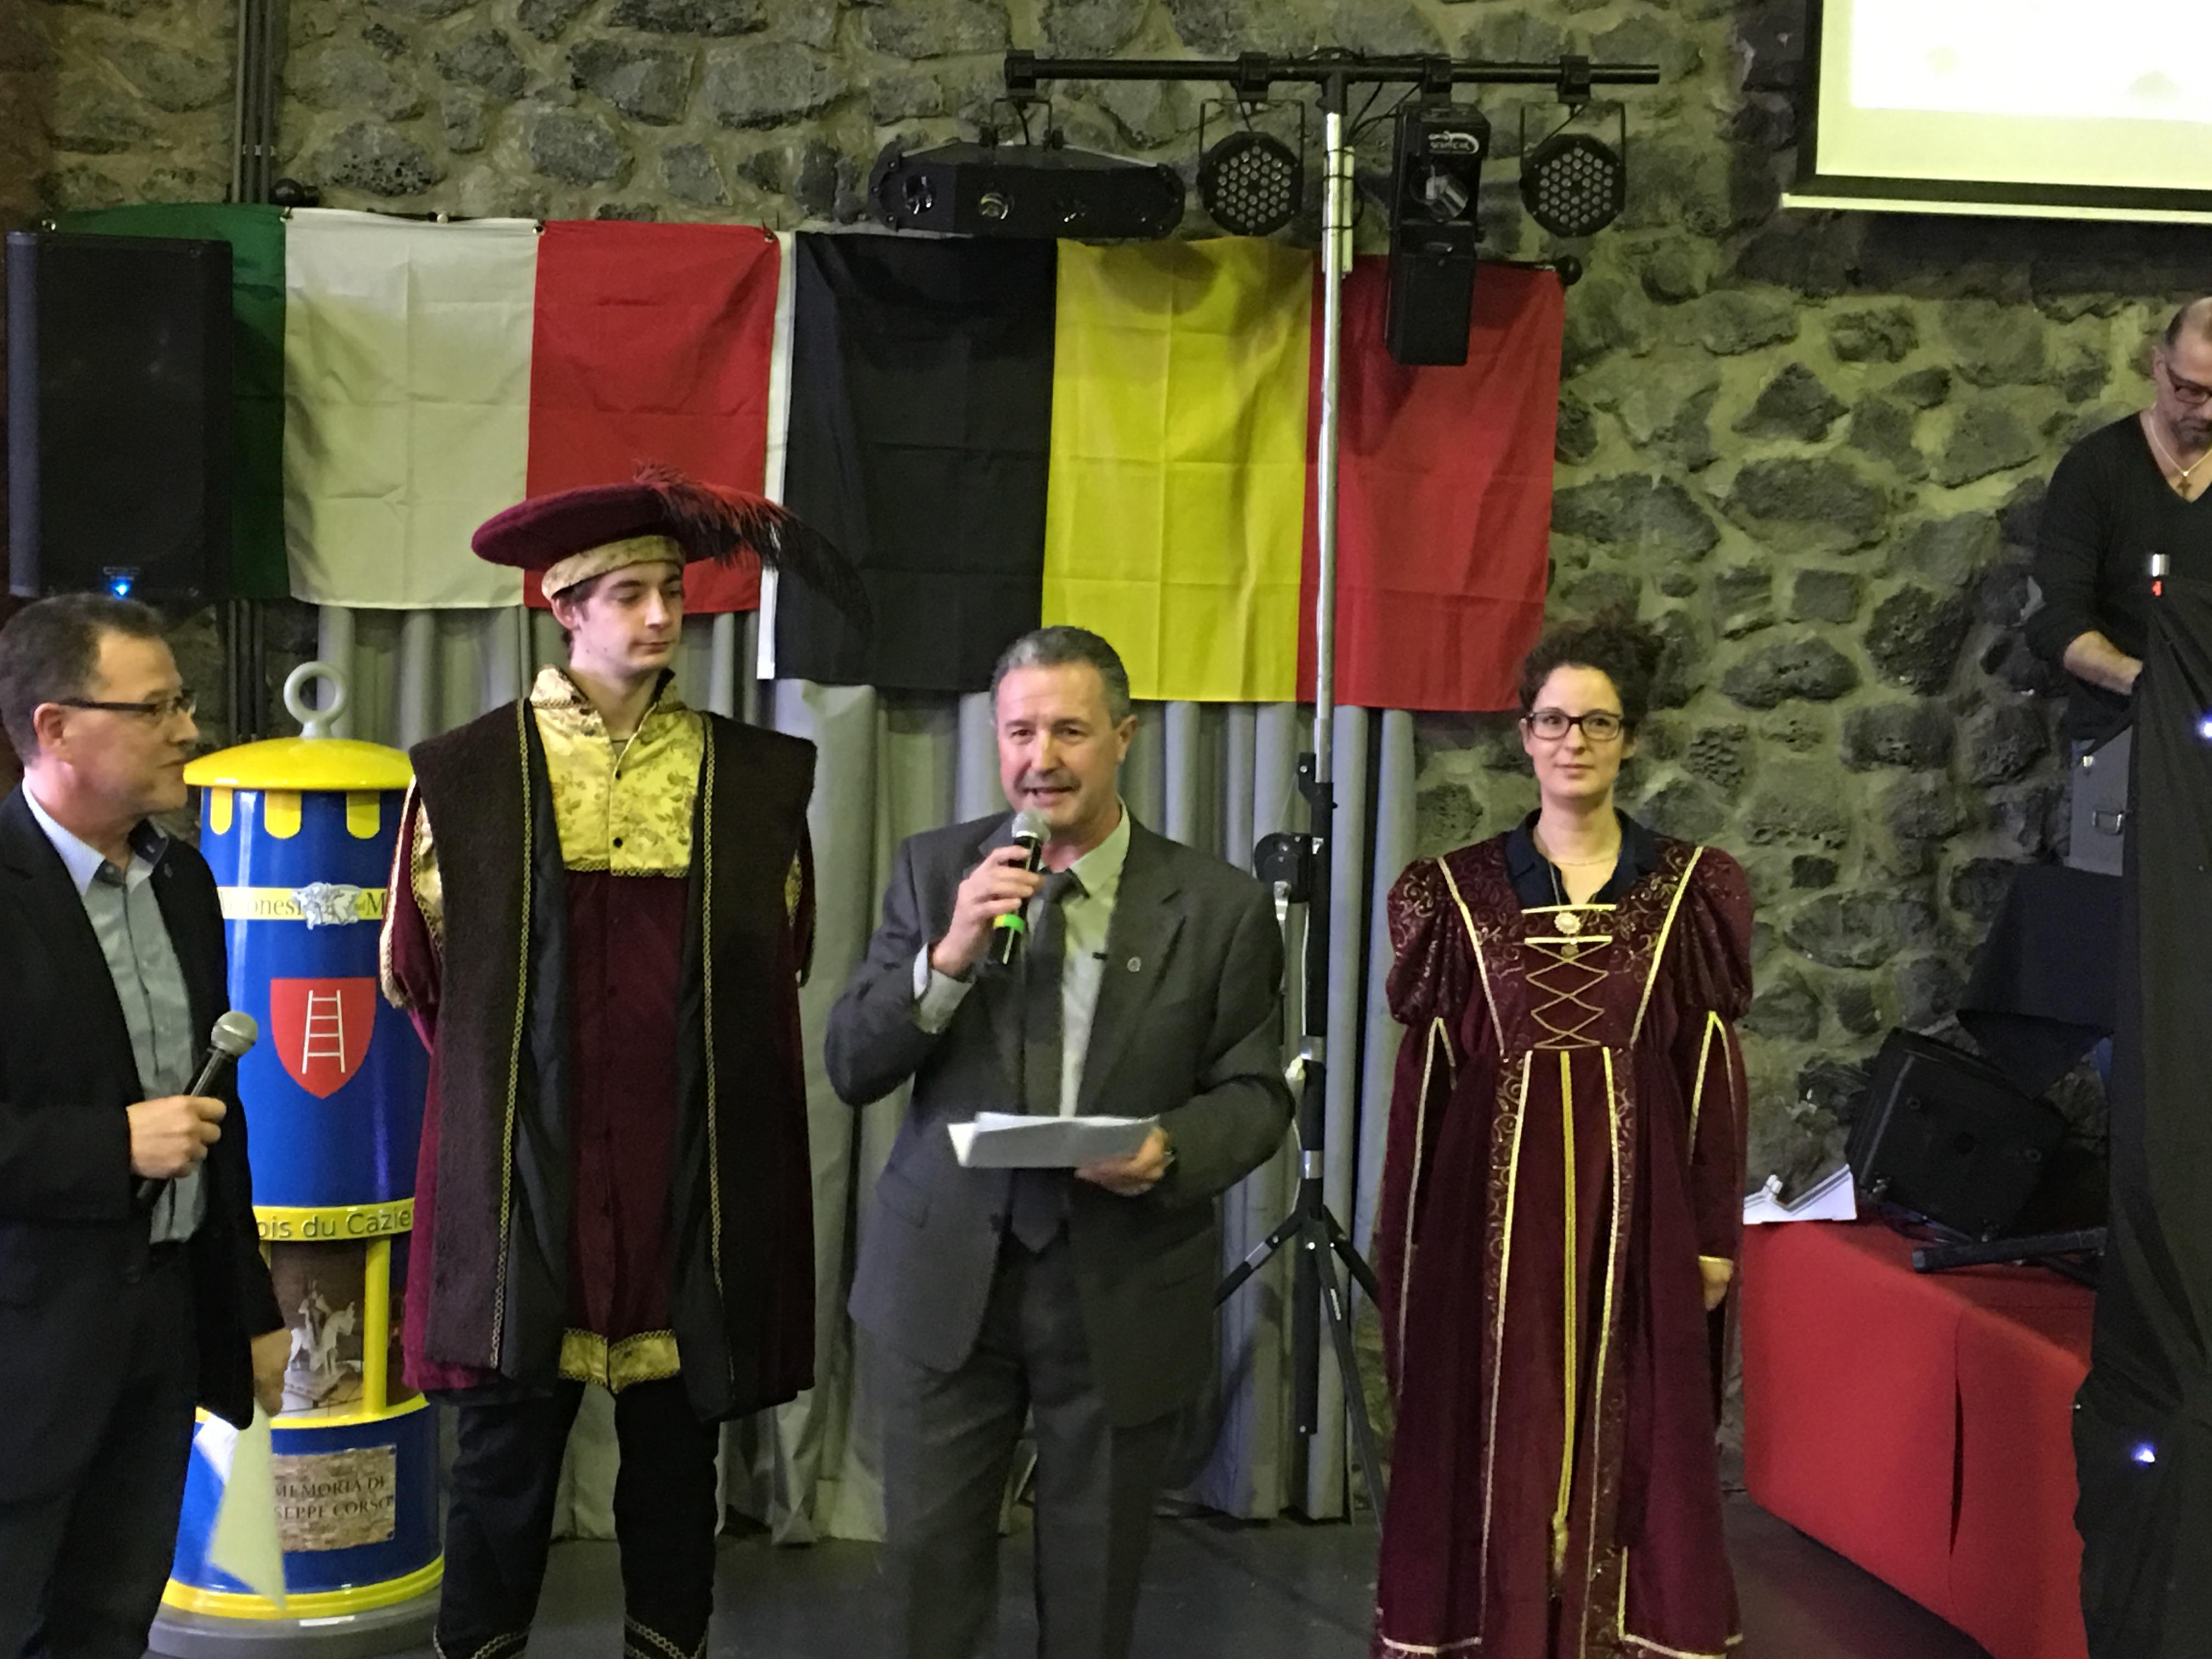 Festa dell'Associazione Veronesi nel Mondo - Charleroi